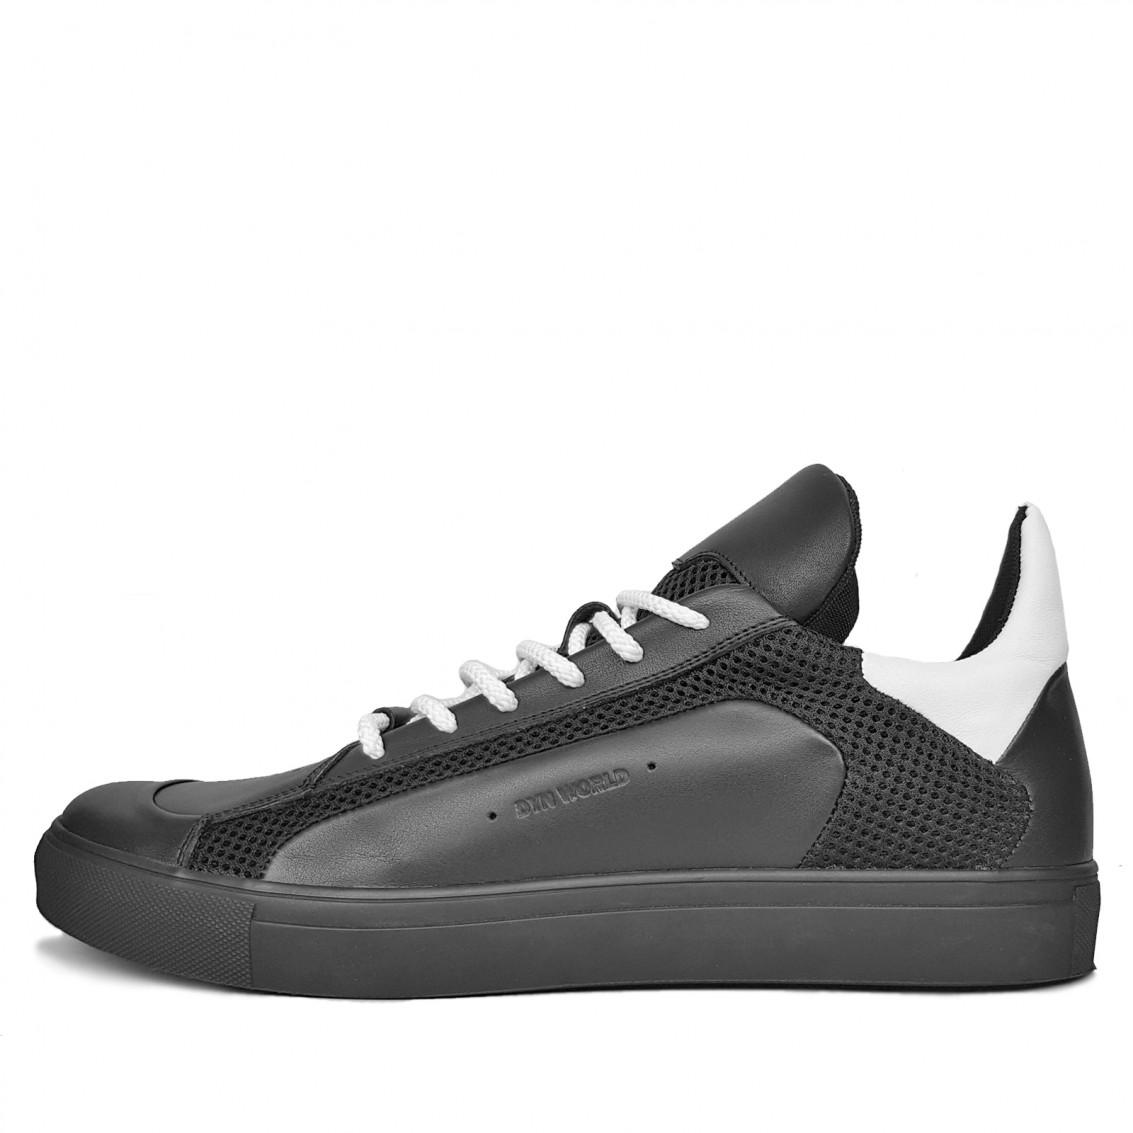 Men's low-top sneakers